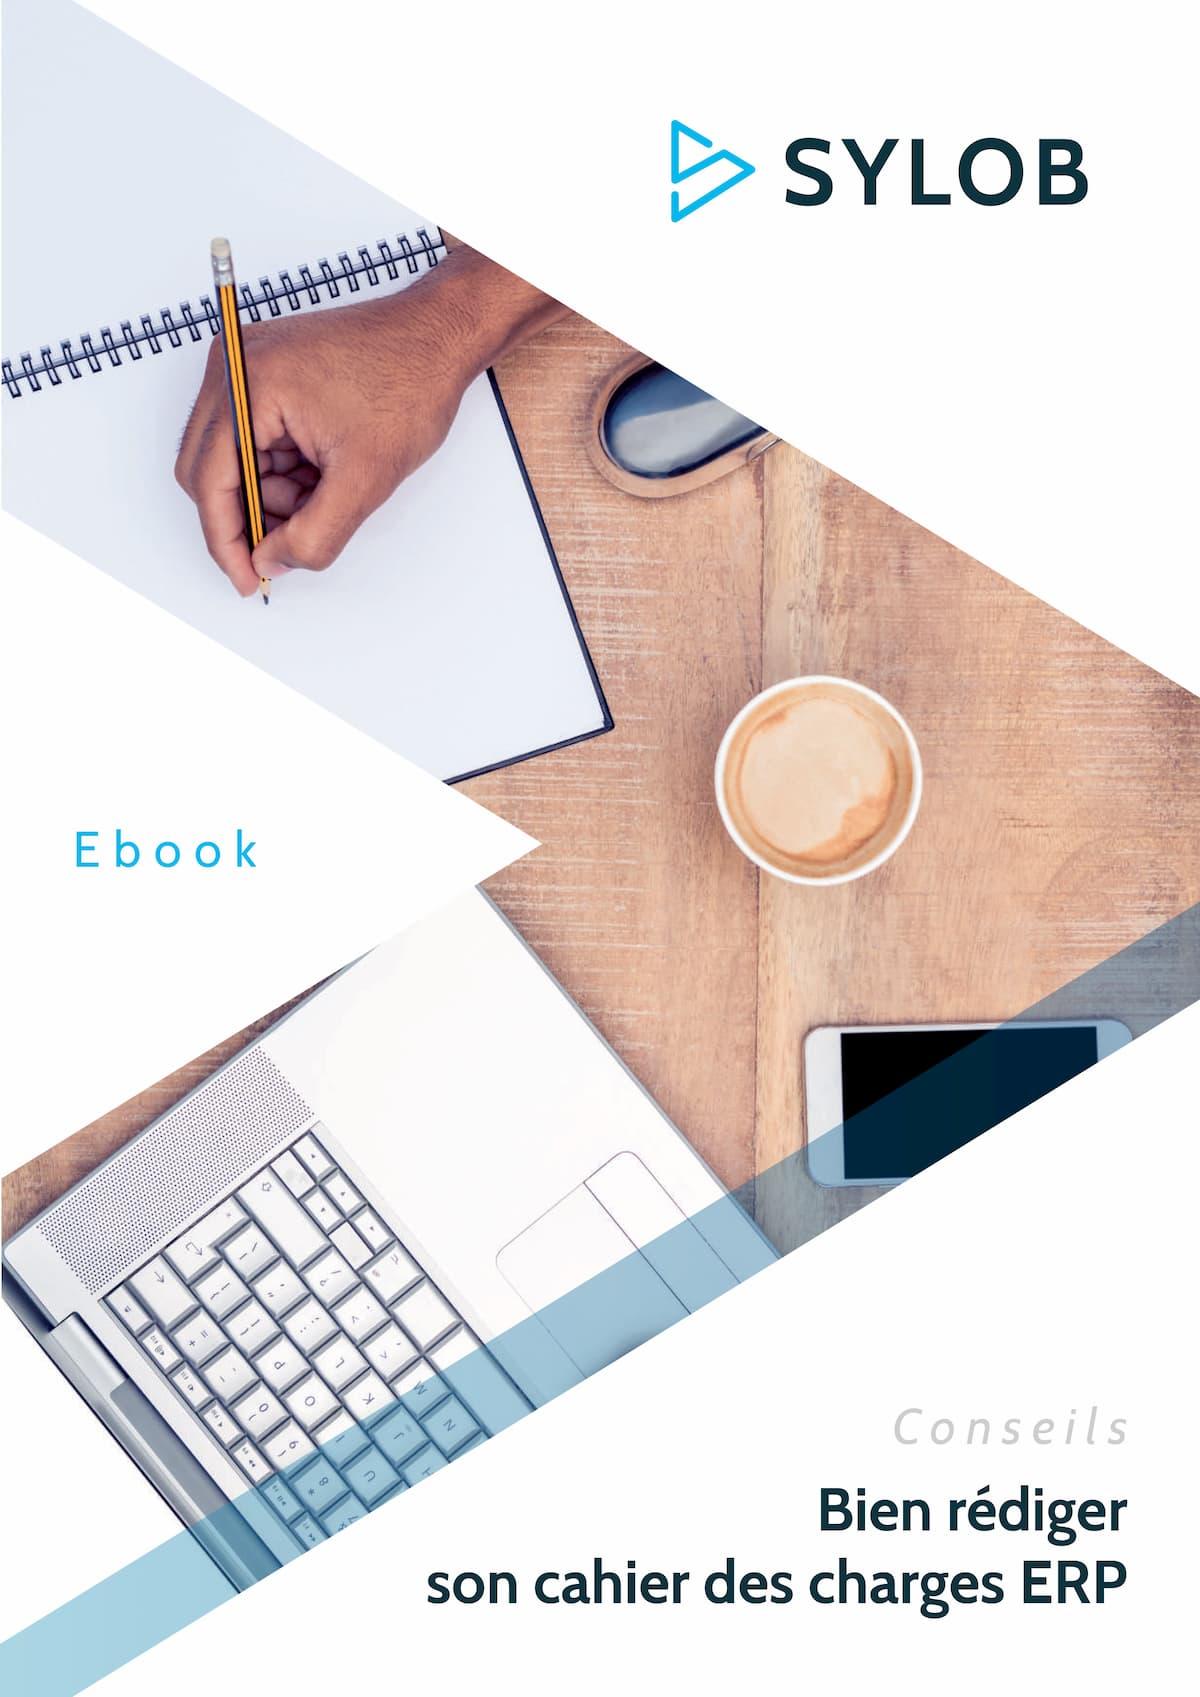 Ebook-CDC-SYLOB